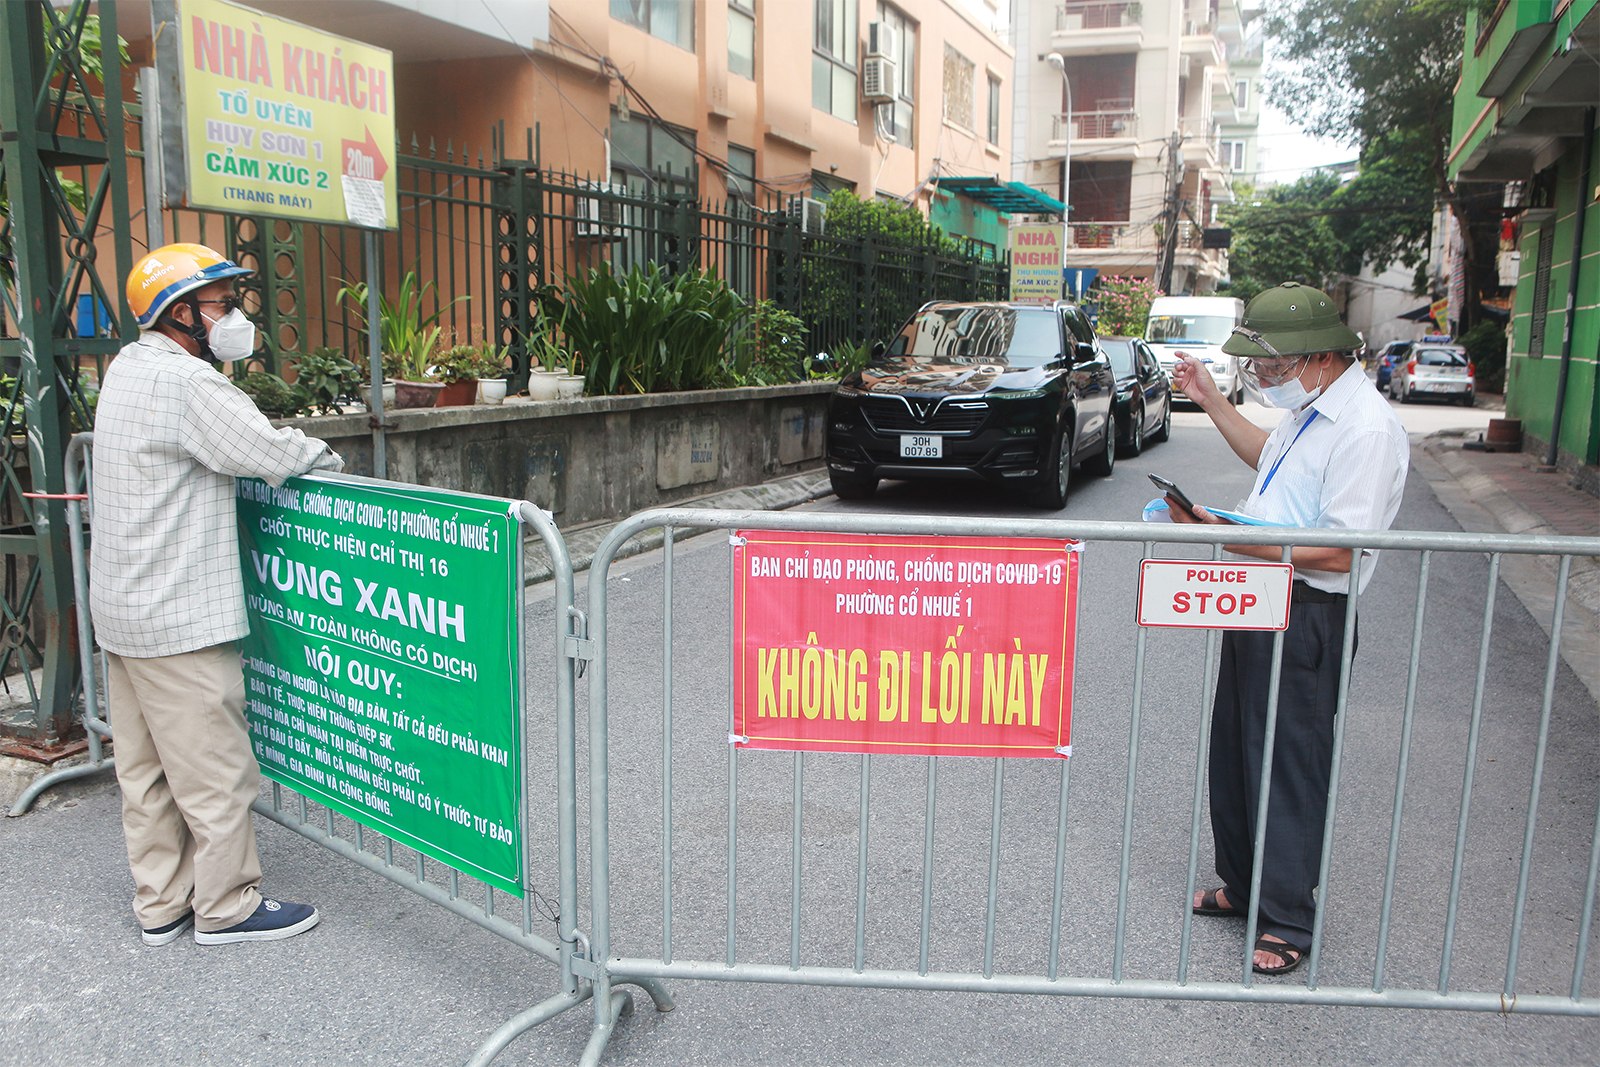 """Cận cảnh những chốt """"vùng xanh"""" do người dân tự quản ở Hà Nội - 11"""